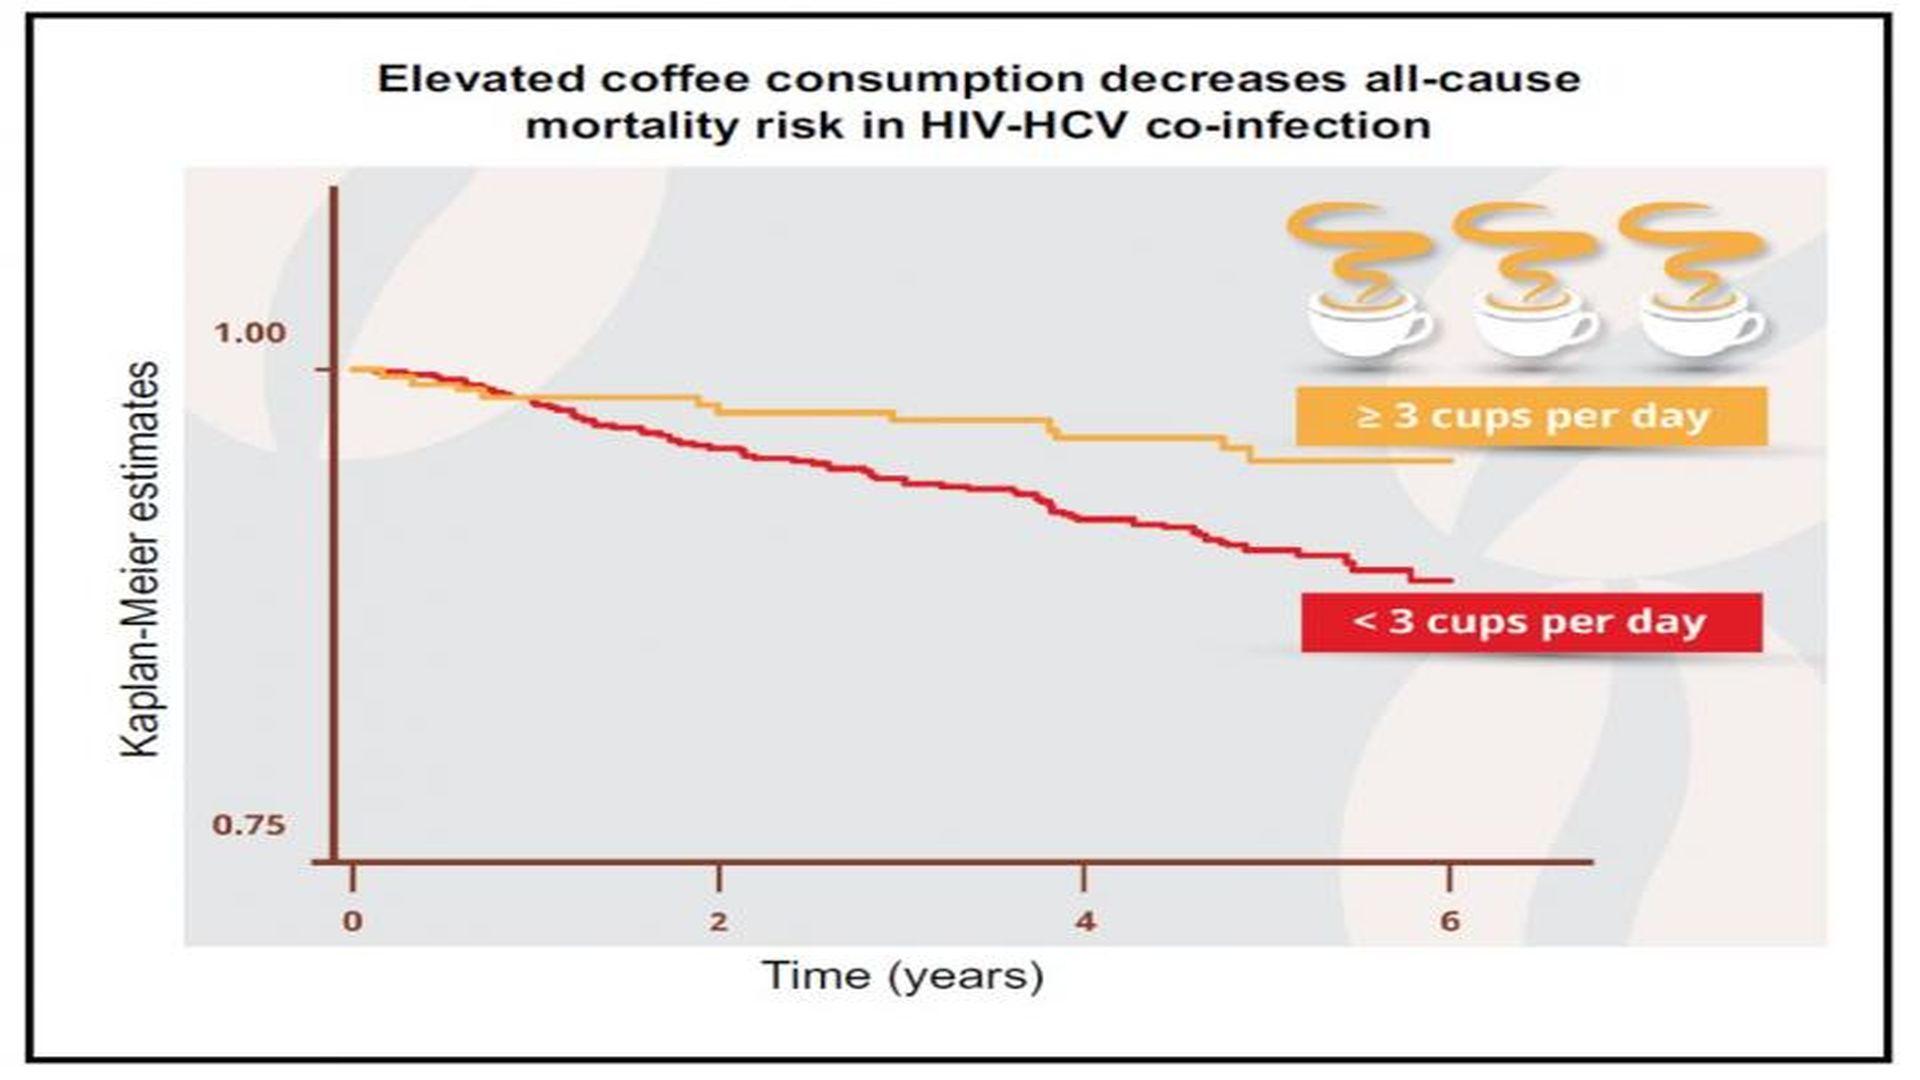 Кофе снижает смертность у людей с гепатитом С и ВИЧ